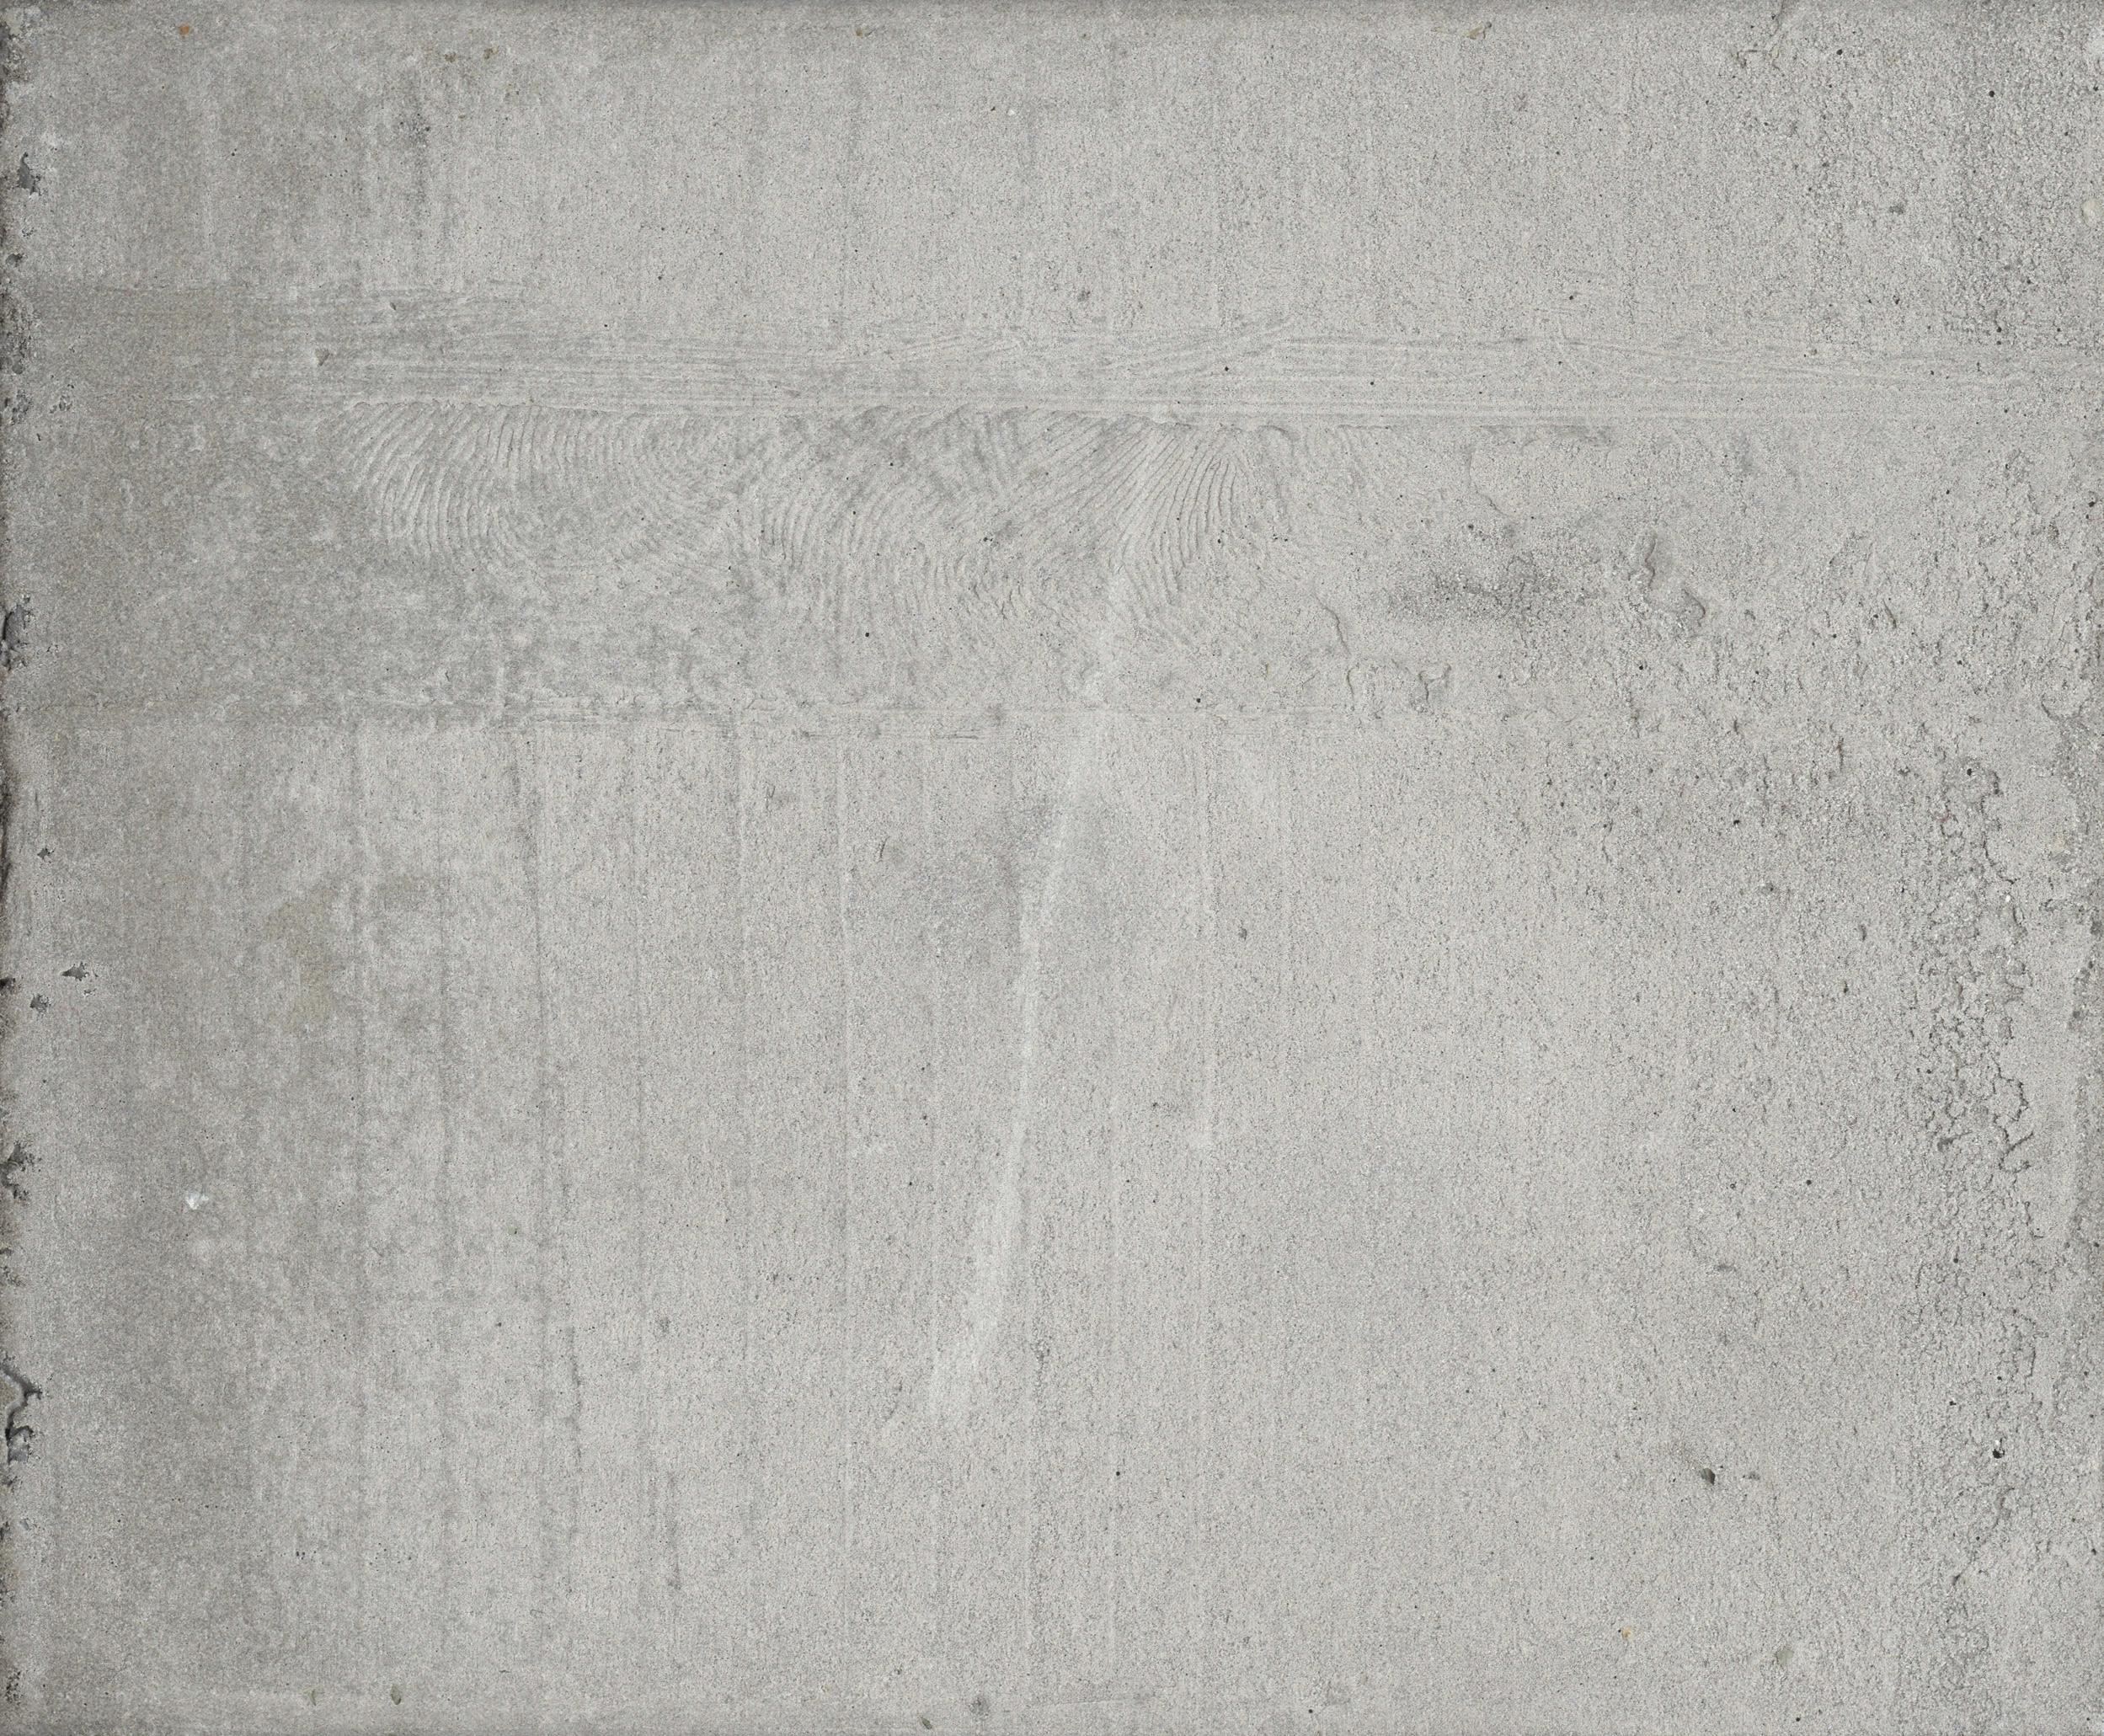 8 concrete textures vol 1 texture fabrik for Precast texture